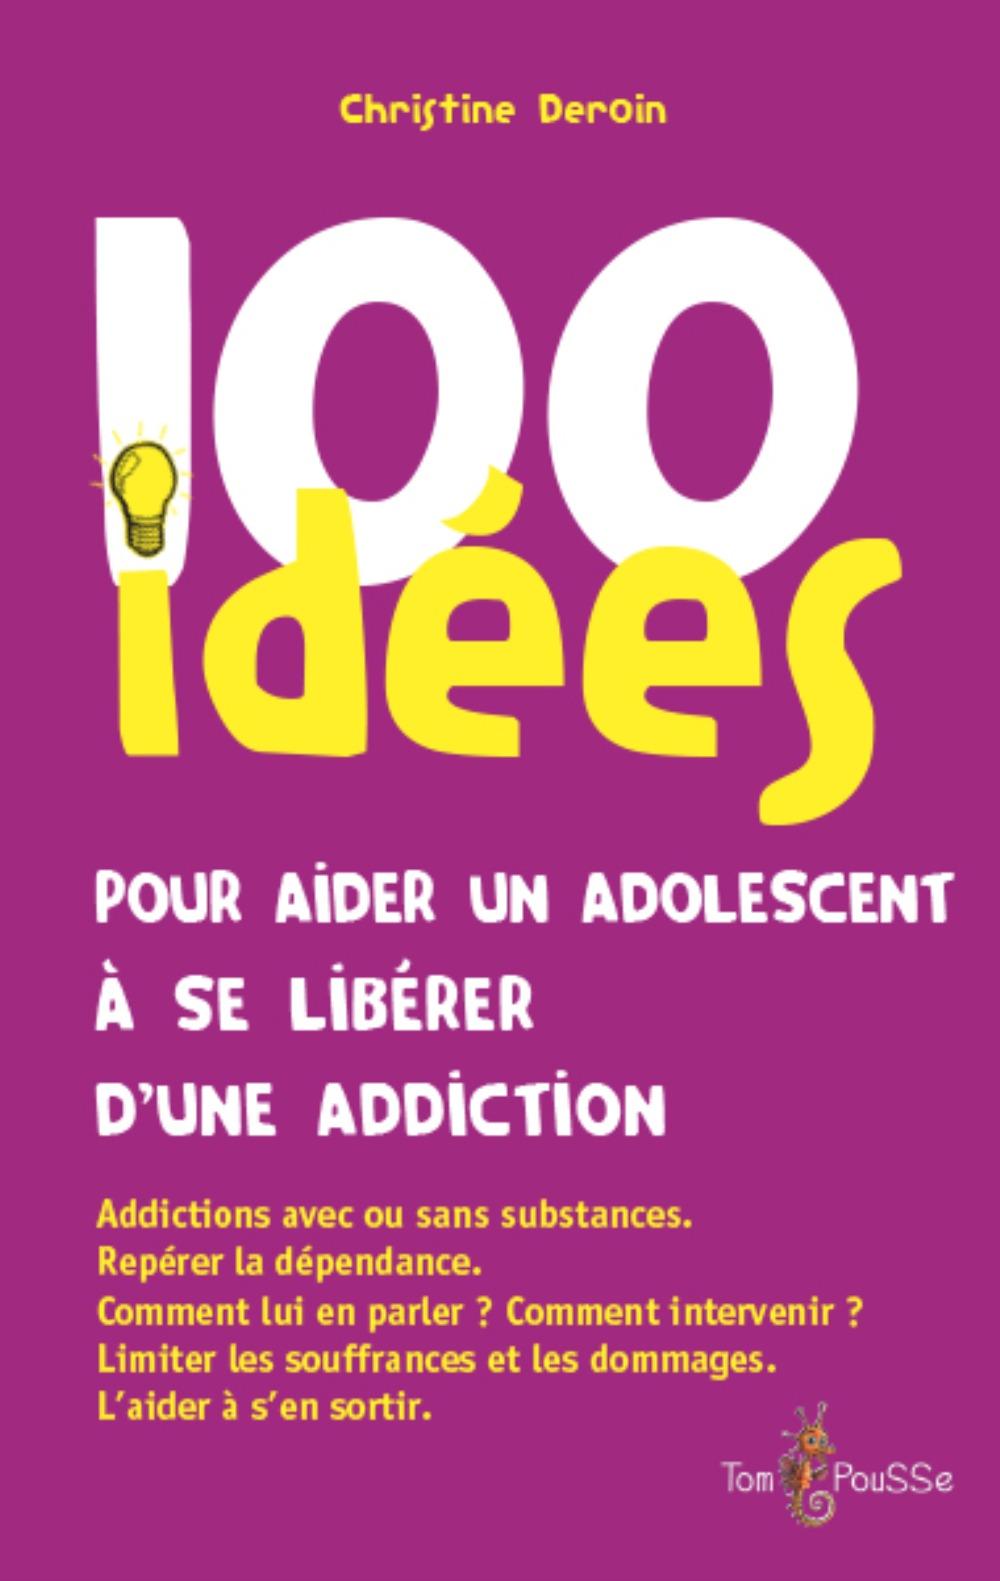 100 IDEES POUR AIDER UN ADOLESCENT A SE LIBERER D'UNE ADDICTION